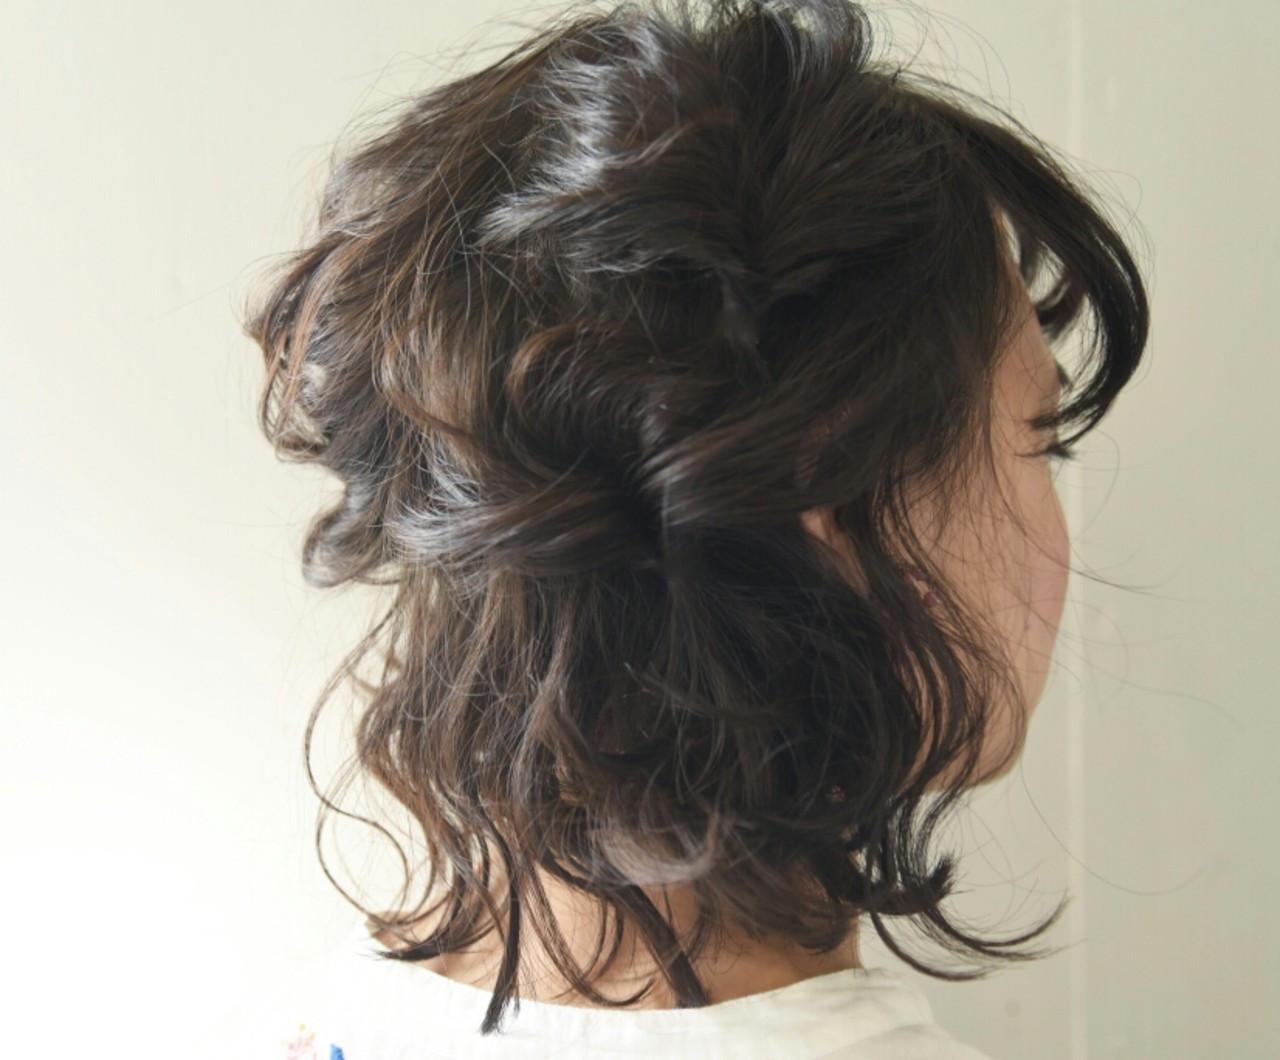 ナチュラル ボブ 簡単ヘアアレンジ デート ヘアスタイルや髪型の写真・画像